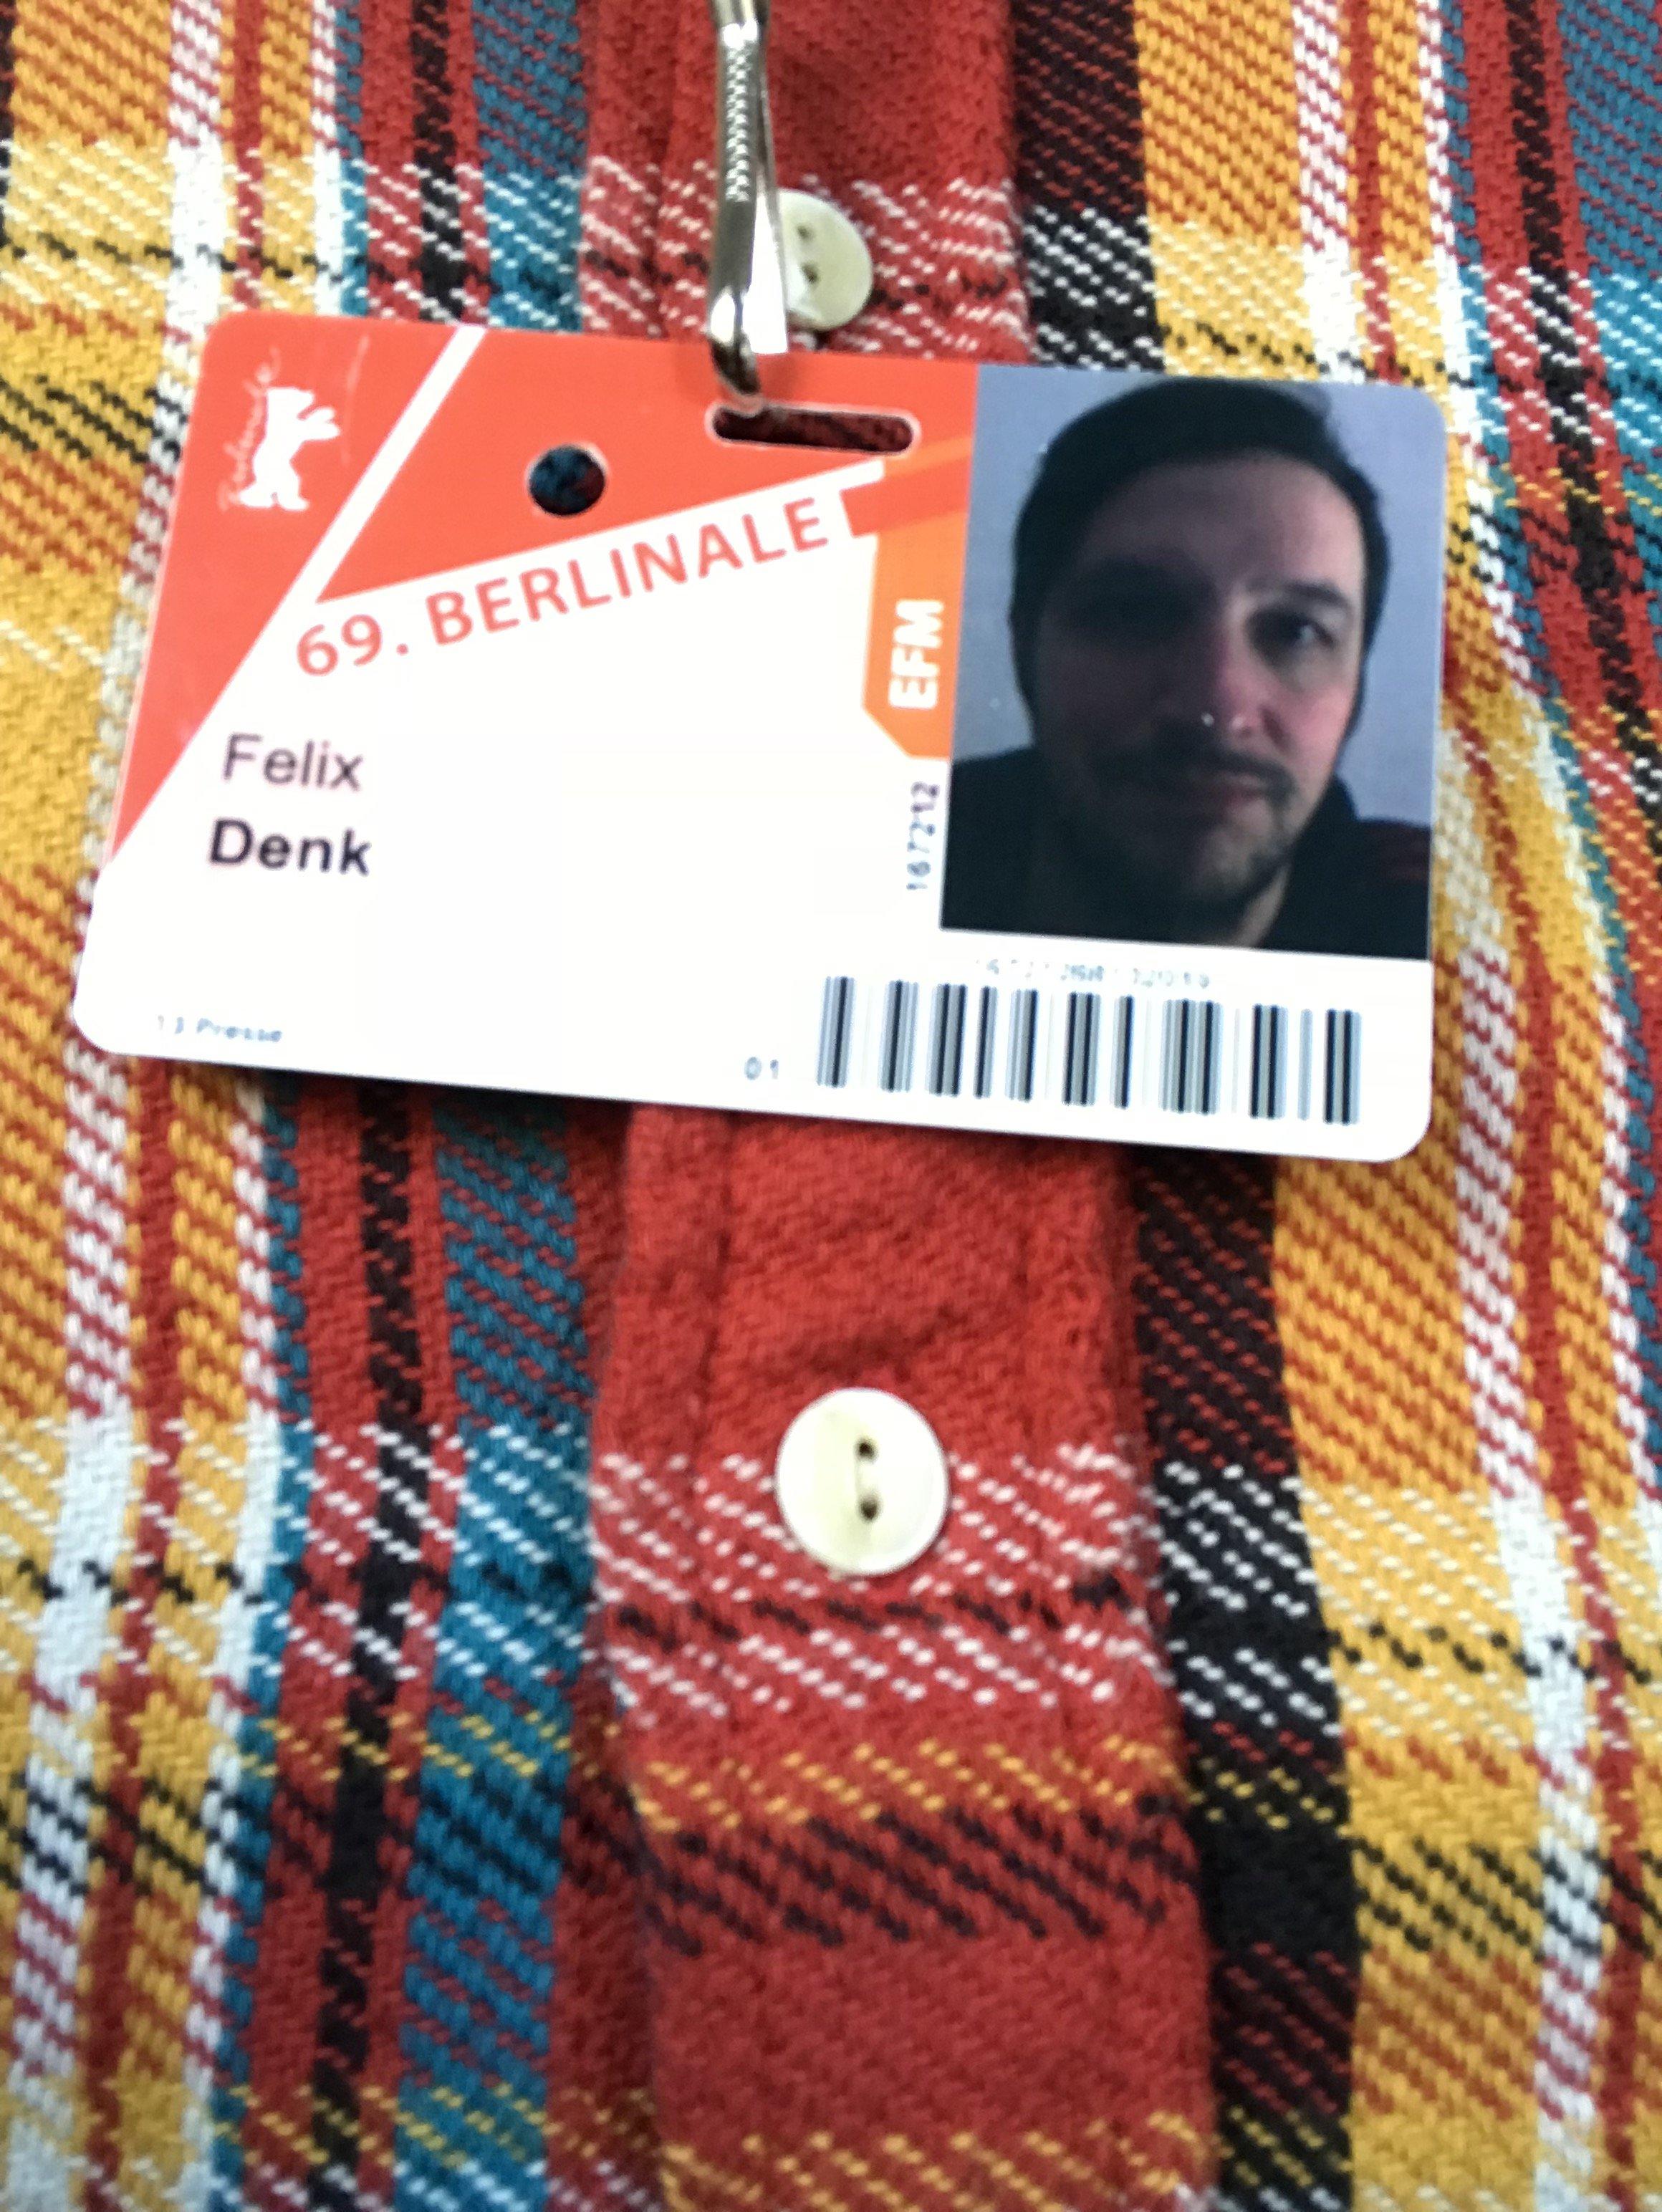 Berlinale Blogger Felix Denk